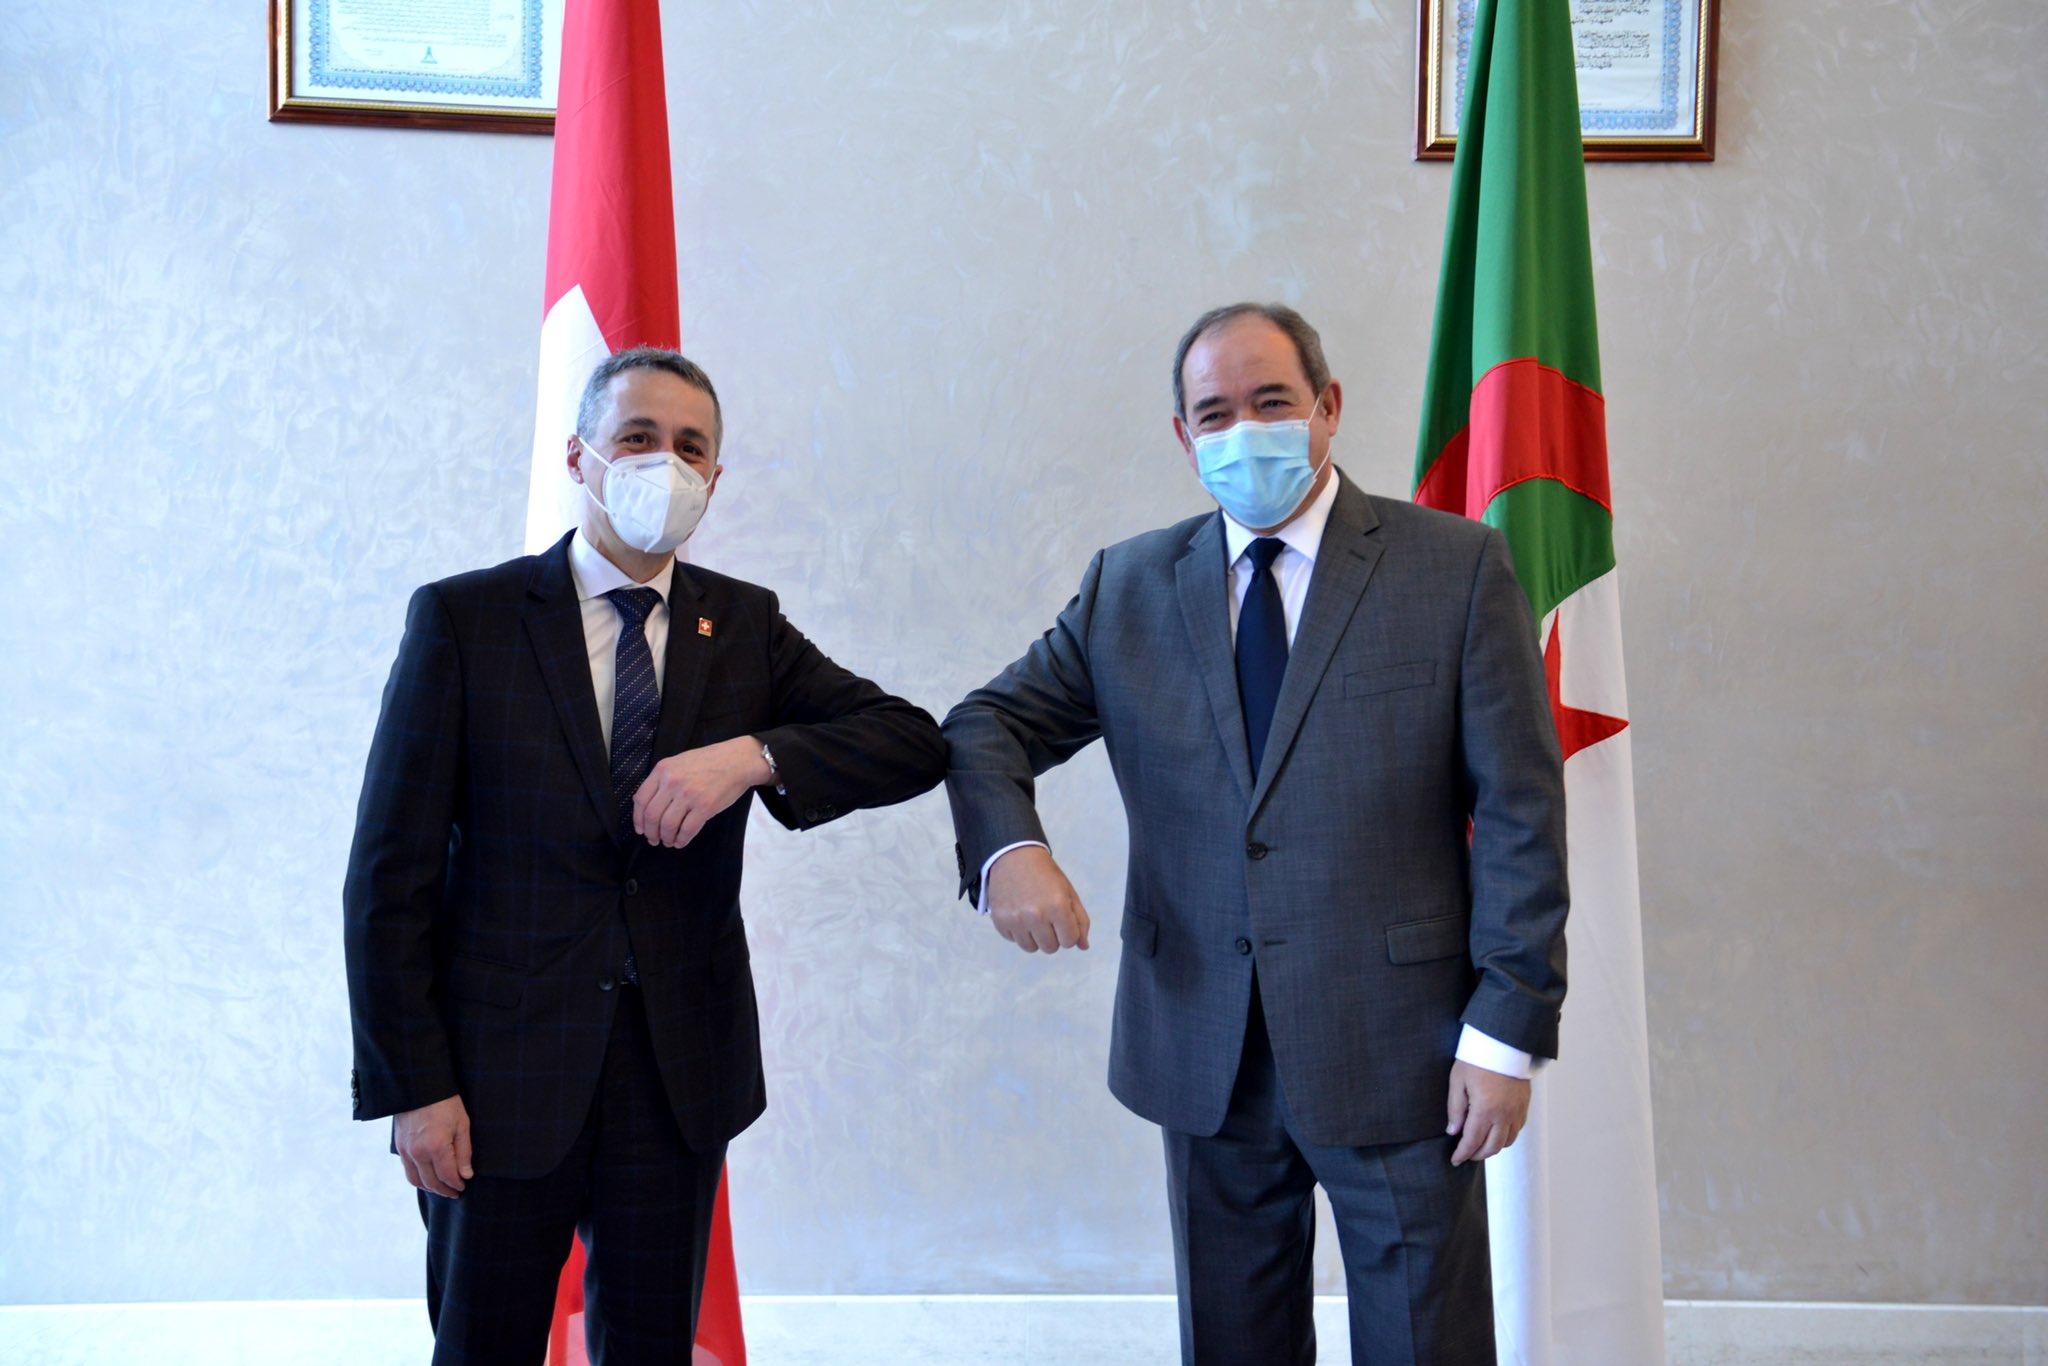 بدعوة من بوقدوم.. وزير خارجية سويسرا يزور الجزائر